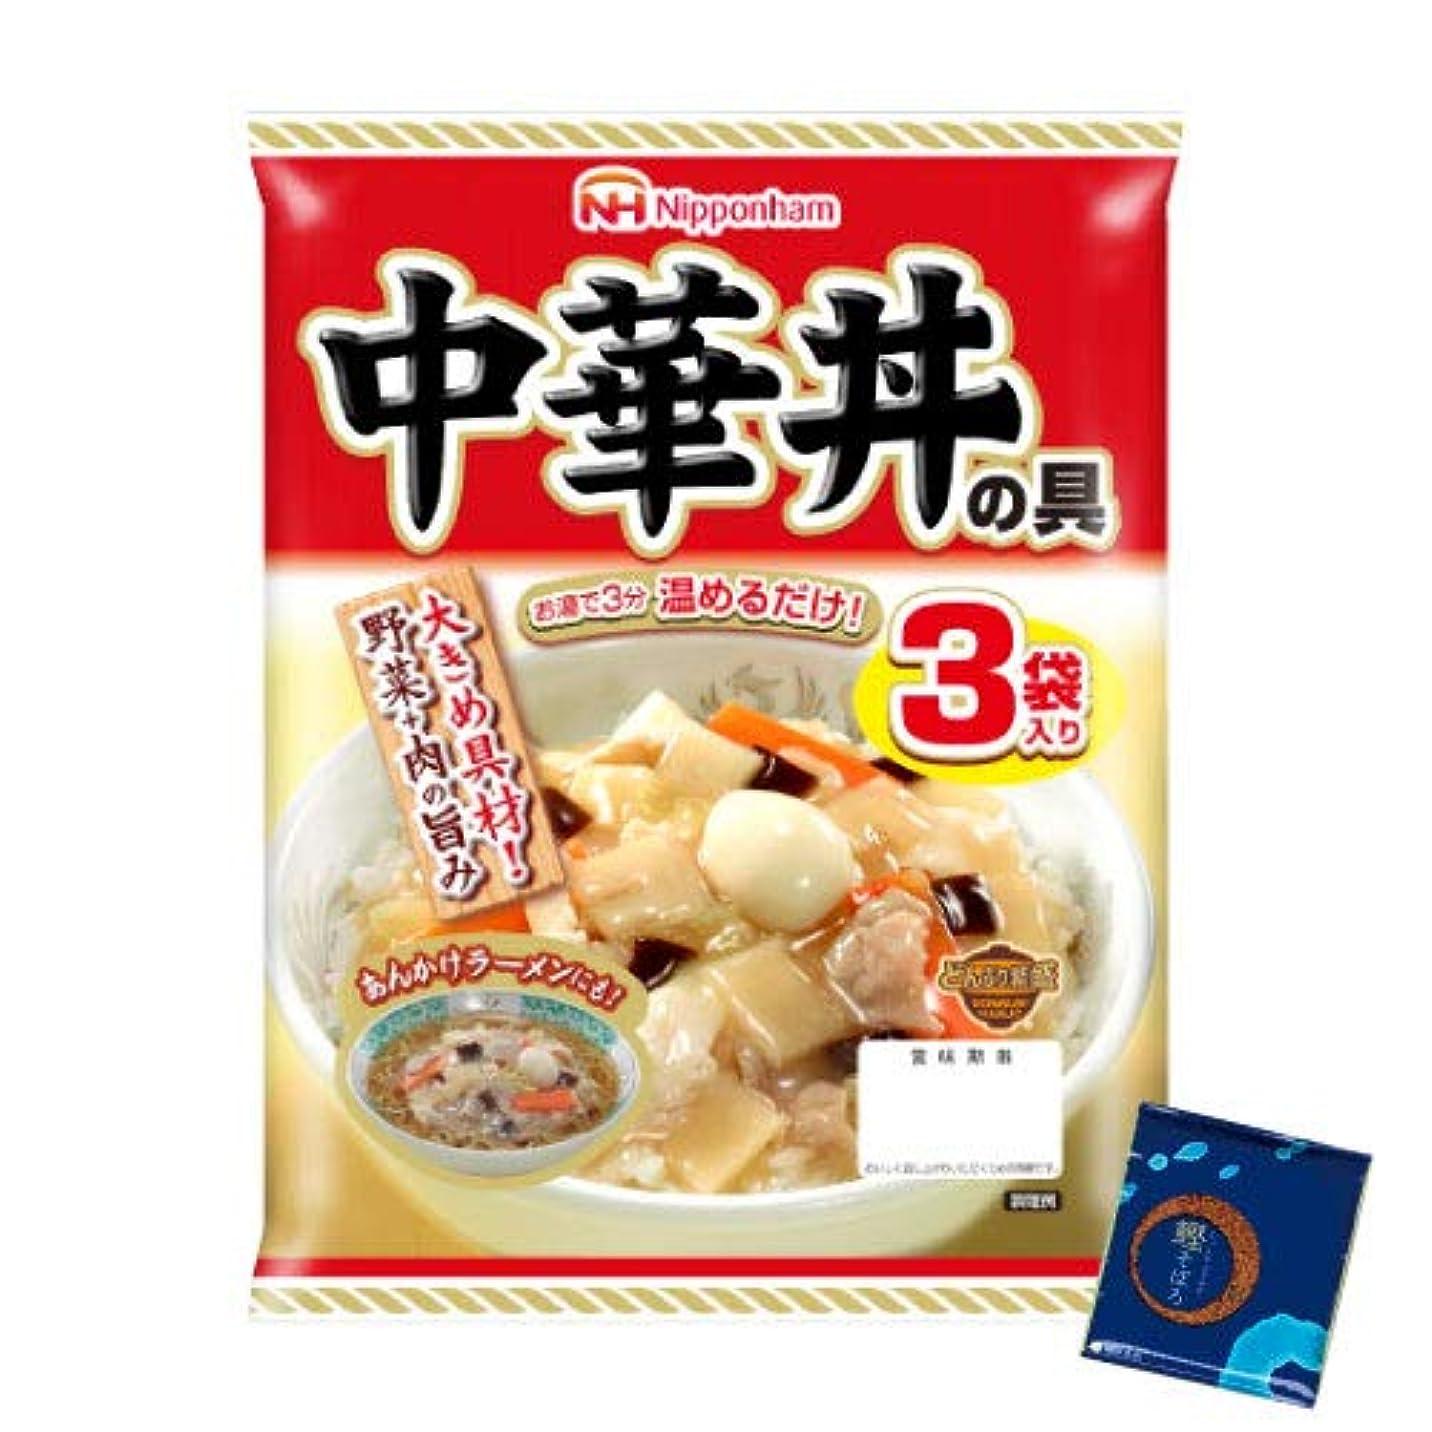 図書館第二曲げる日本ハム レトルト 中華丼 の具 12食 小袋鰹ふりかけ1袋 セット